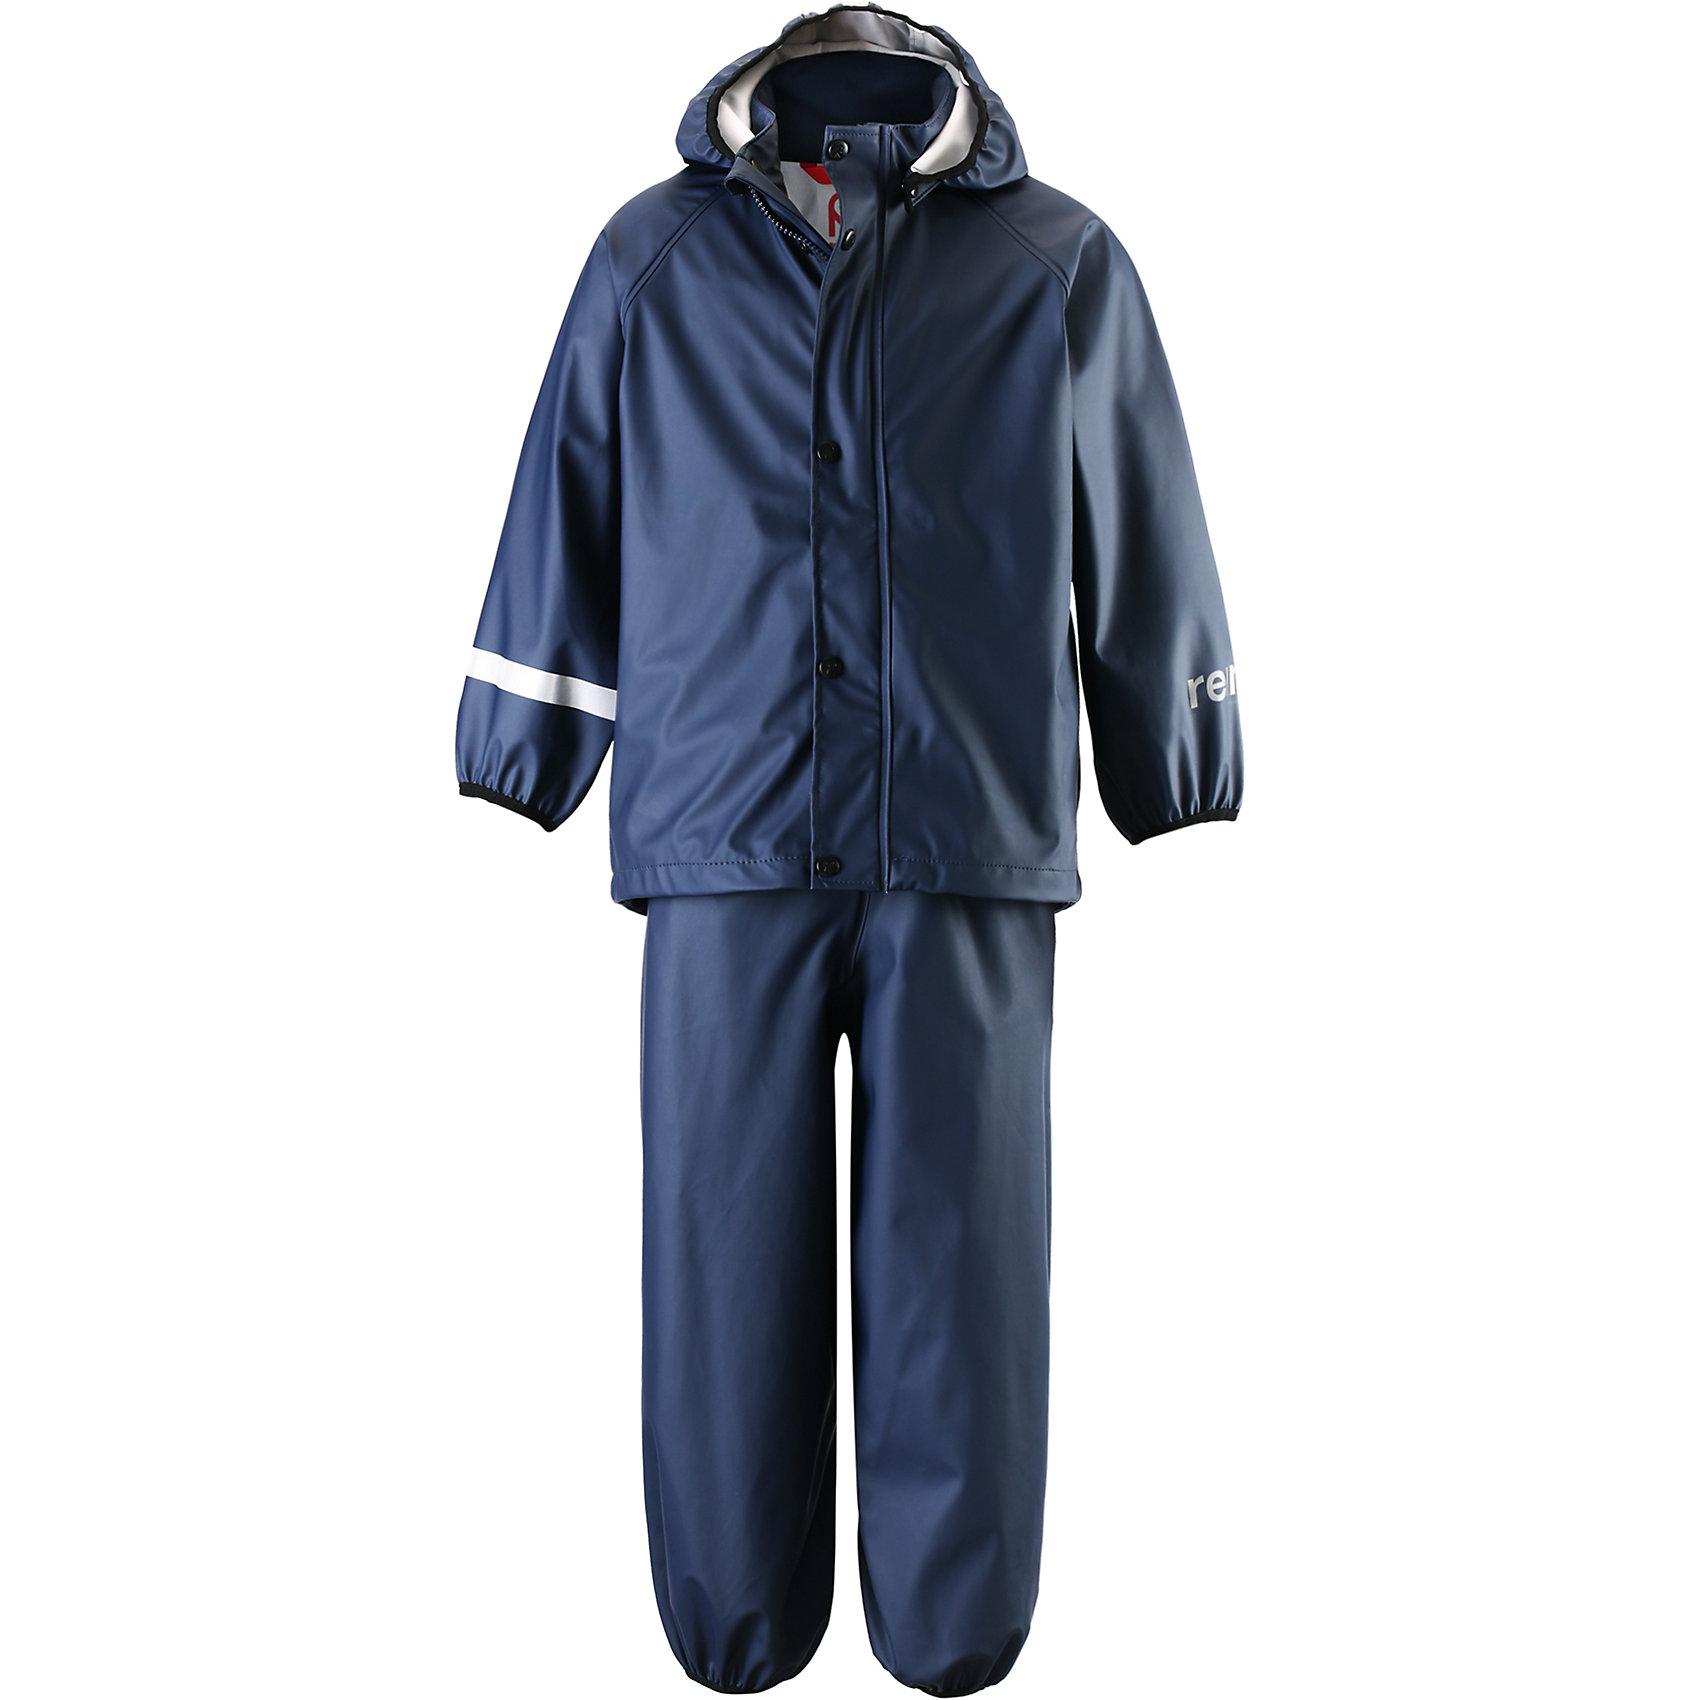 Непромокаемый комплект: куртка и брюки Viima для мальчика ReimaОдежда<br>Непромокаемый комплект: куртка и брюки Reima.<br>Комплект для дождливой погоды для детей. Запаянные швы, не пропускающие влагу. Эластичный материал. Без ПХВ. Безопасный, съемный капюшон. Эластичная резинка на кромке капюшона. Эластичные манжеты. Эластичная талия. Эластичная резинка на штанинах. Съемные штрипки в размерах от 104 до 128 см. Молния спереди. Безопасные светоотражающие детали. Отличный вариант для дождливой погоды.<br>Уход:<br>Стирать по отдельности, вывернув наизнанку. Застегнуть молнии и липучки. Стирать моющим средством, не содержащим отбеливающие вещества. Полоскать без специального средства. Во избежание изменения цвета изделие необходимо вынуть из стиральной машинки незамедлительно после окончания программы стирки. Сушить при низкой температуре.<br>Состав:<br>100% Полиамид, полиуретановое покрытие<br><br>Ширина мм: 356<br>Глубина мм: 10<br>Высота мм: 245<br>Вес г: 519<br>Цвет: синий<br>Возраст от месяцев: 60<br>Возраст до месяцев: 72<br>Пол: Мужской<br>Возраст: Детский<br>Размер: 116,140,122,134,128<br>SKU: 4778139